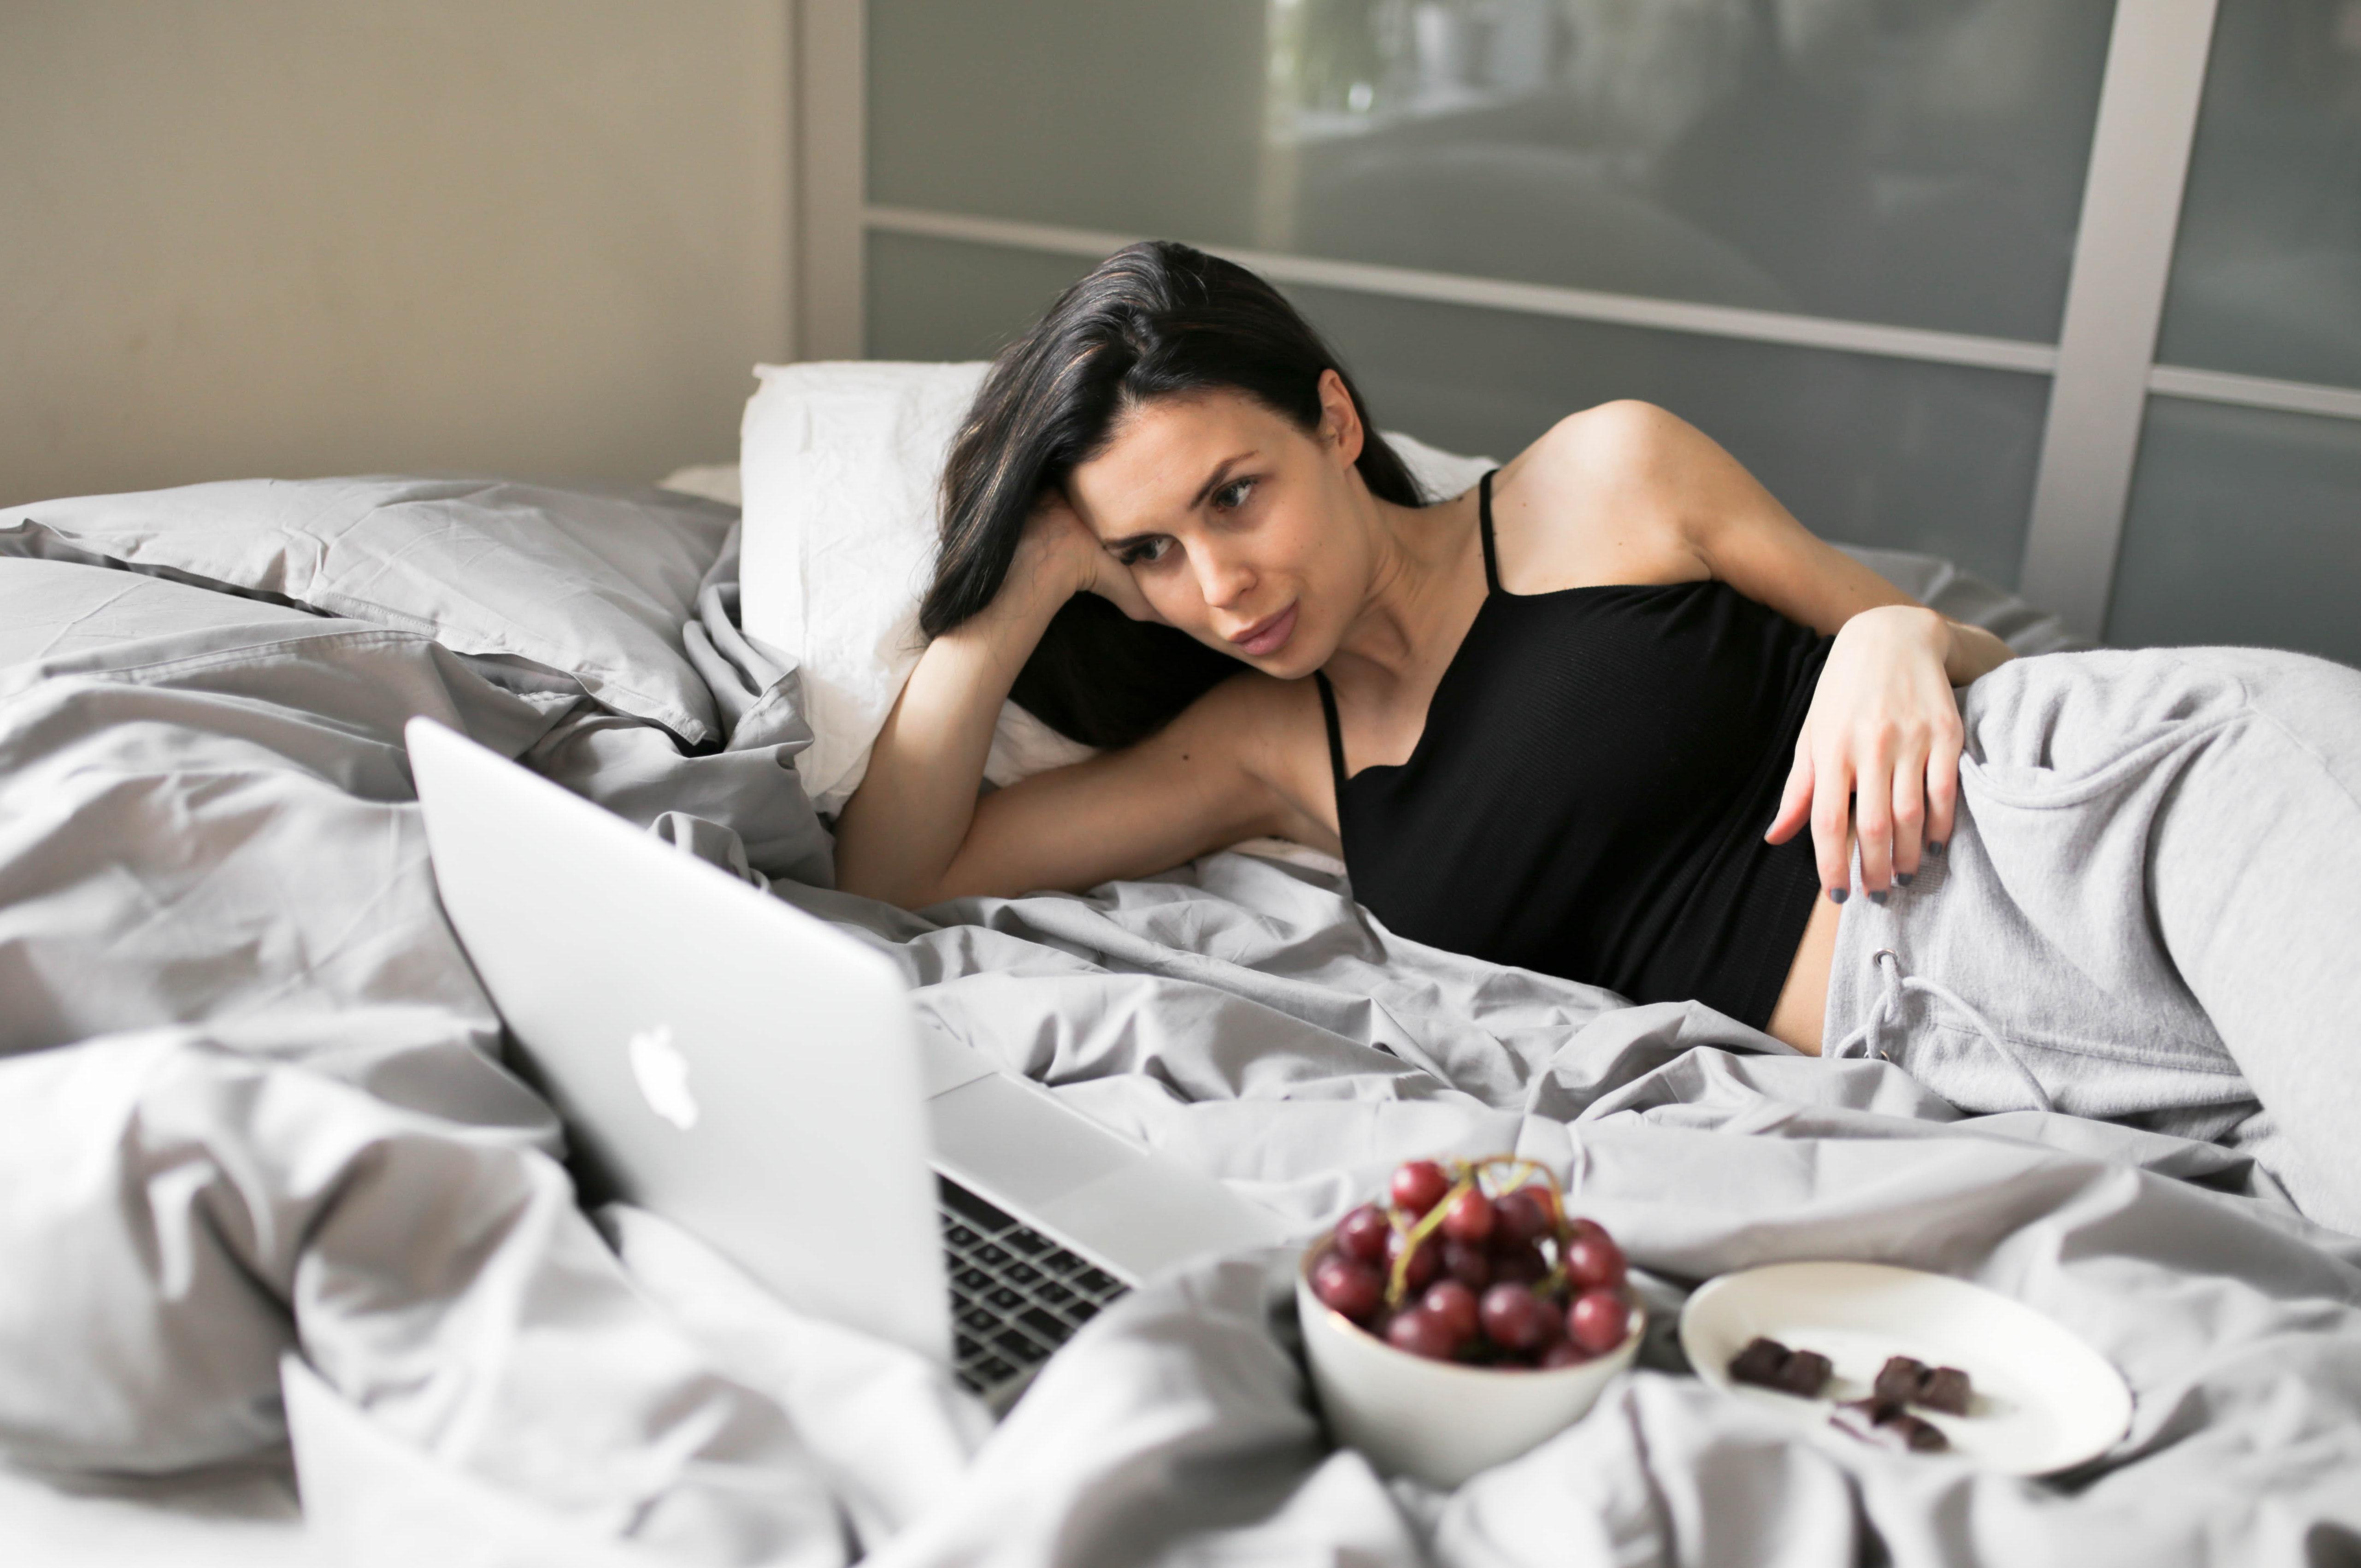 vapaa rento dating site Saksassa